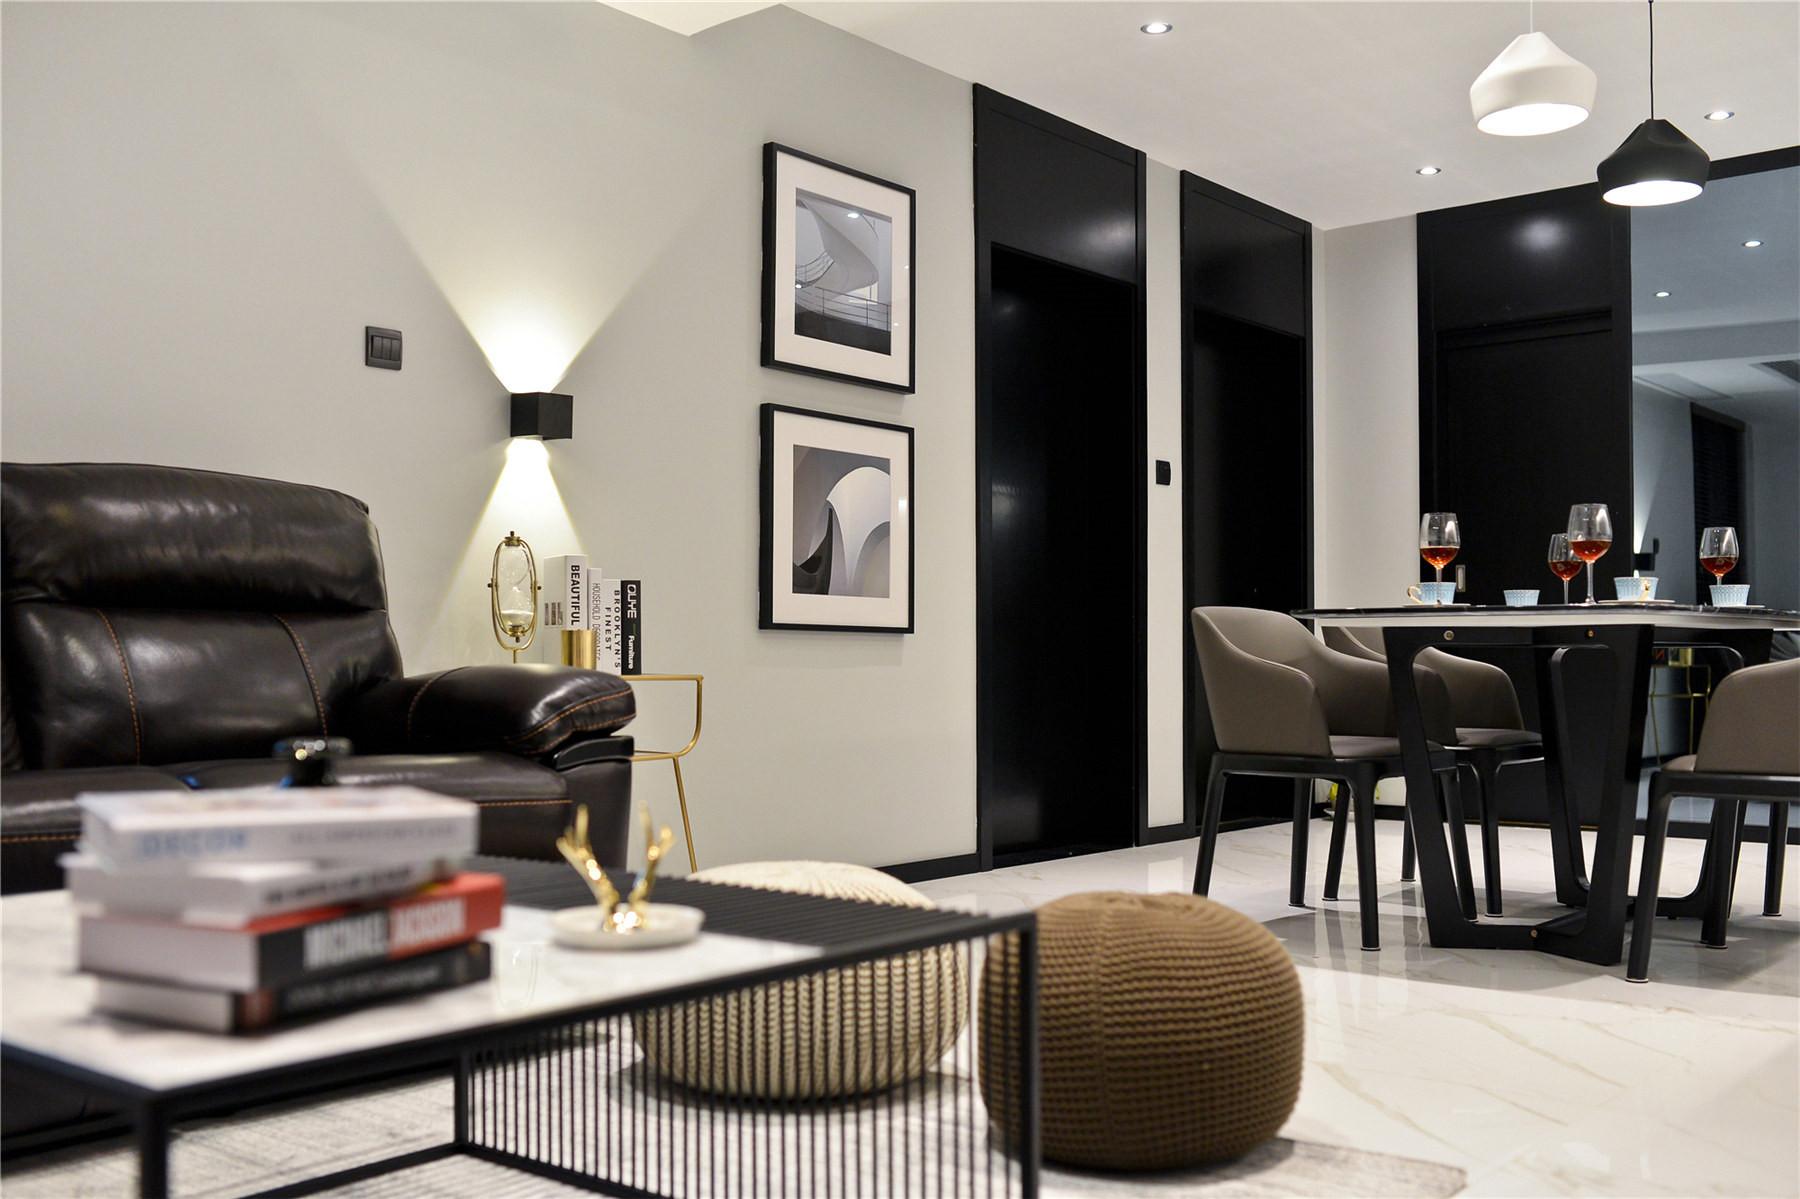 黑白简约风装修沙发背景墙图片